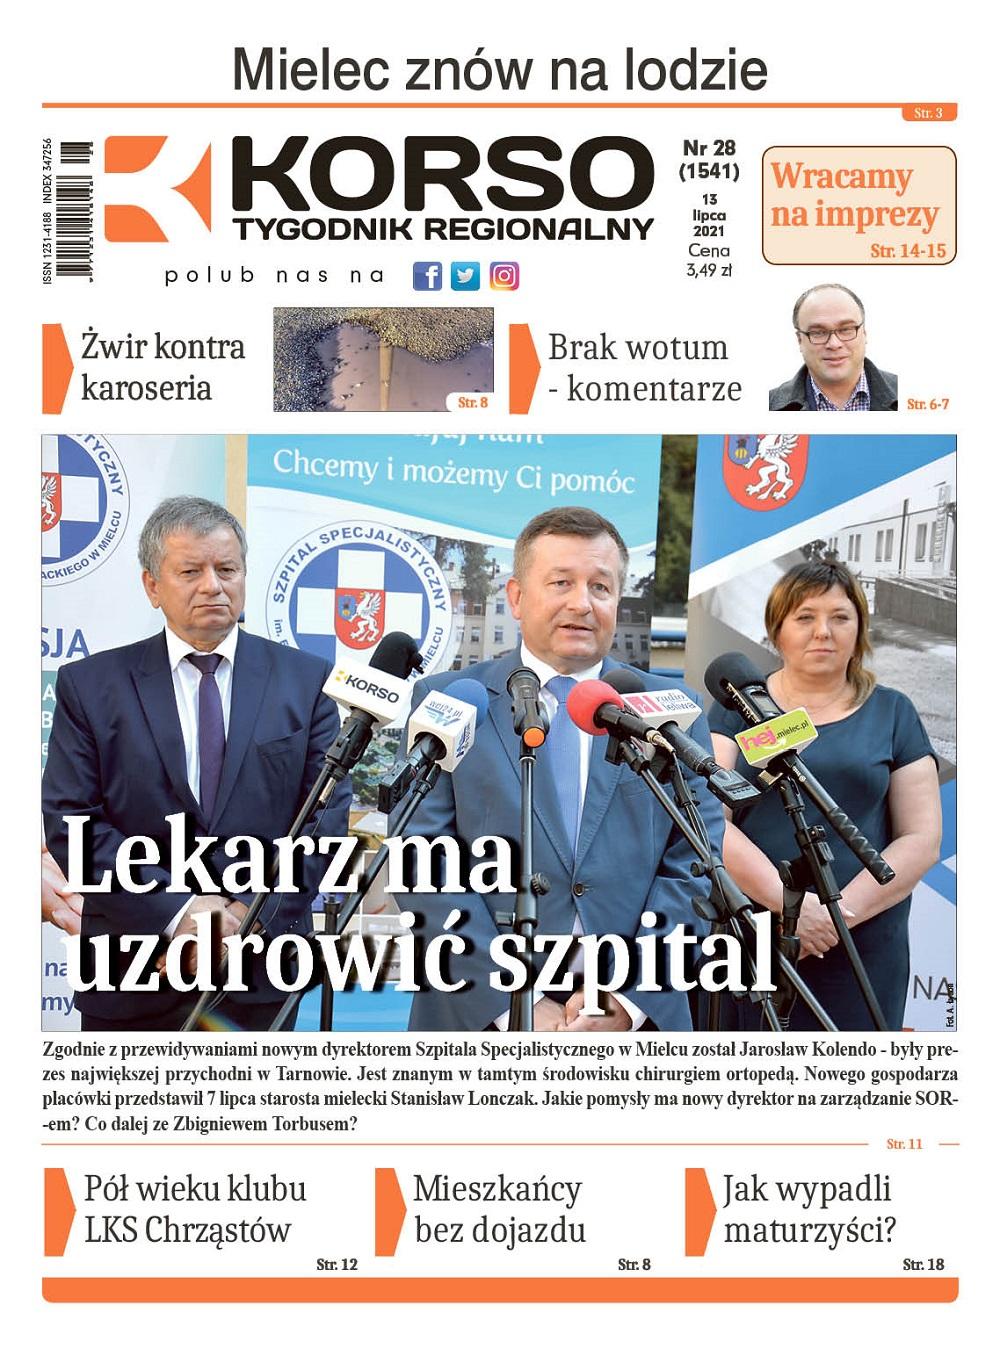 Tygodnik Regionalny KORSO nr 28/2021 - Zdjęcie główne